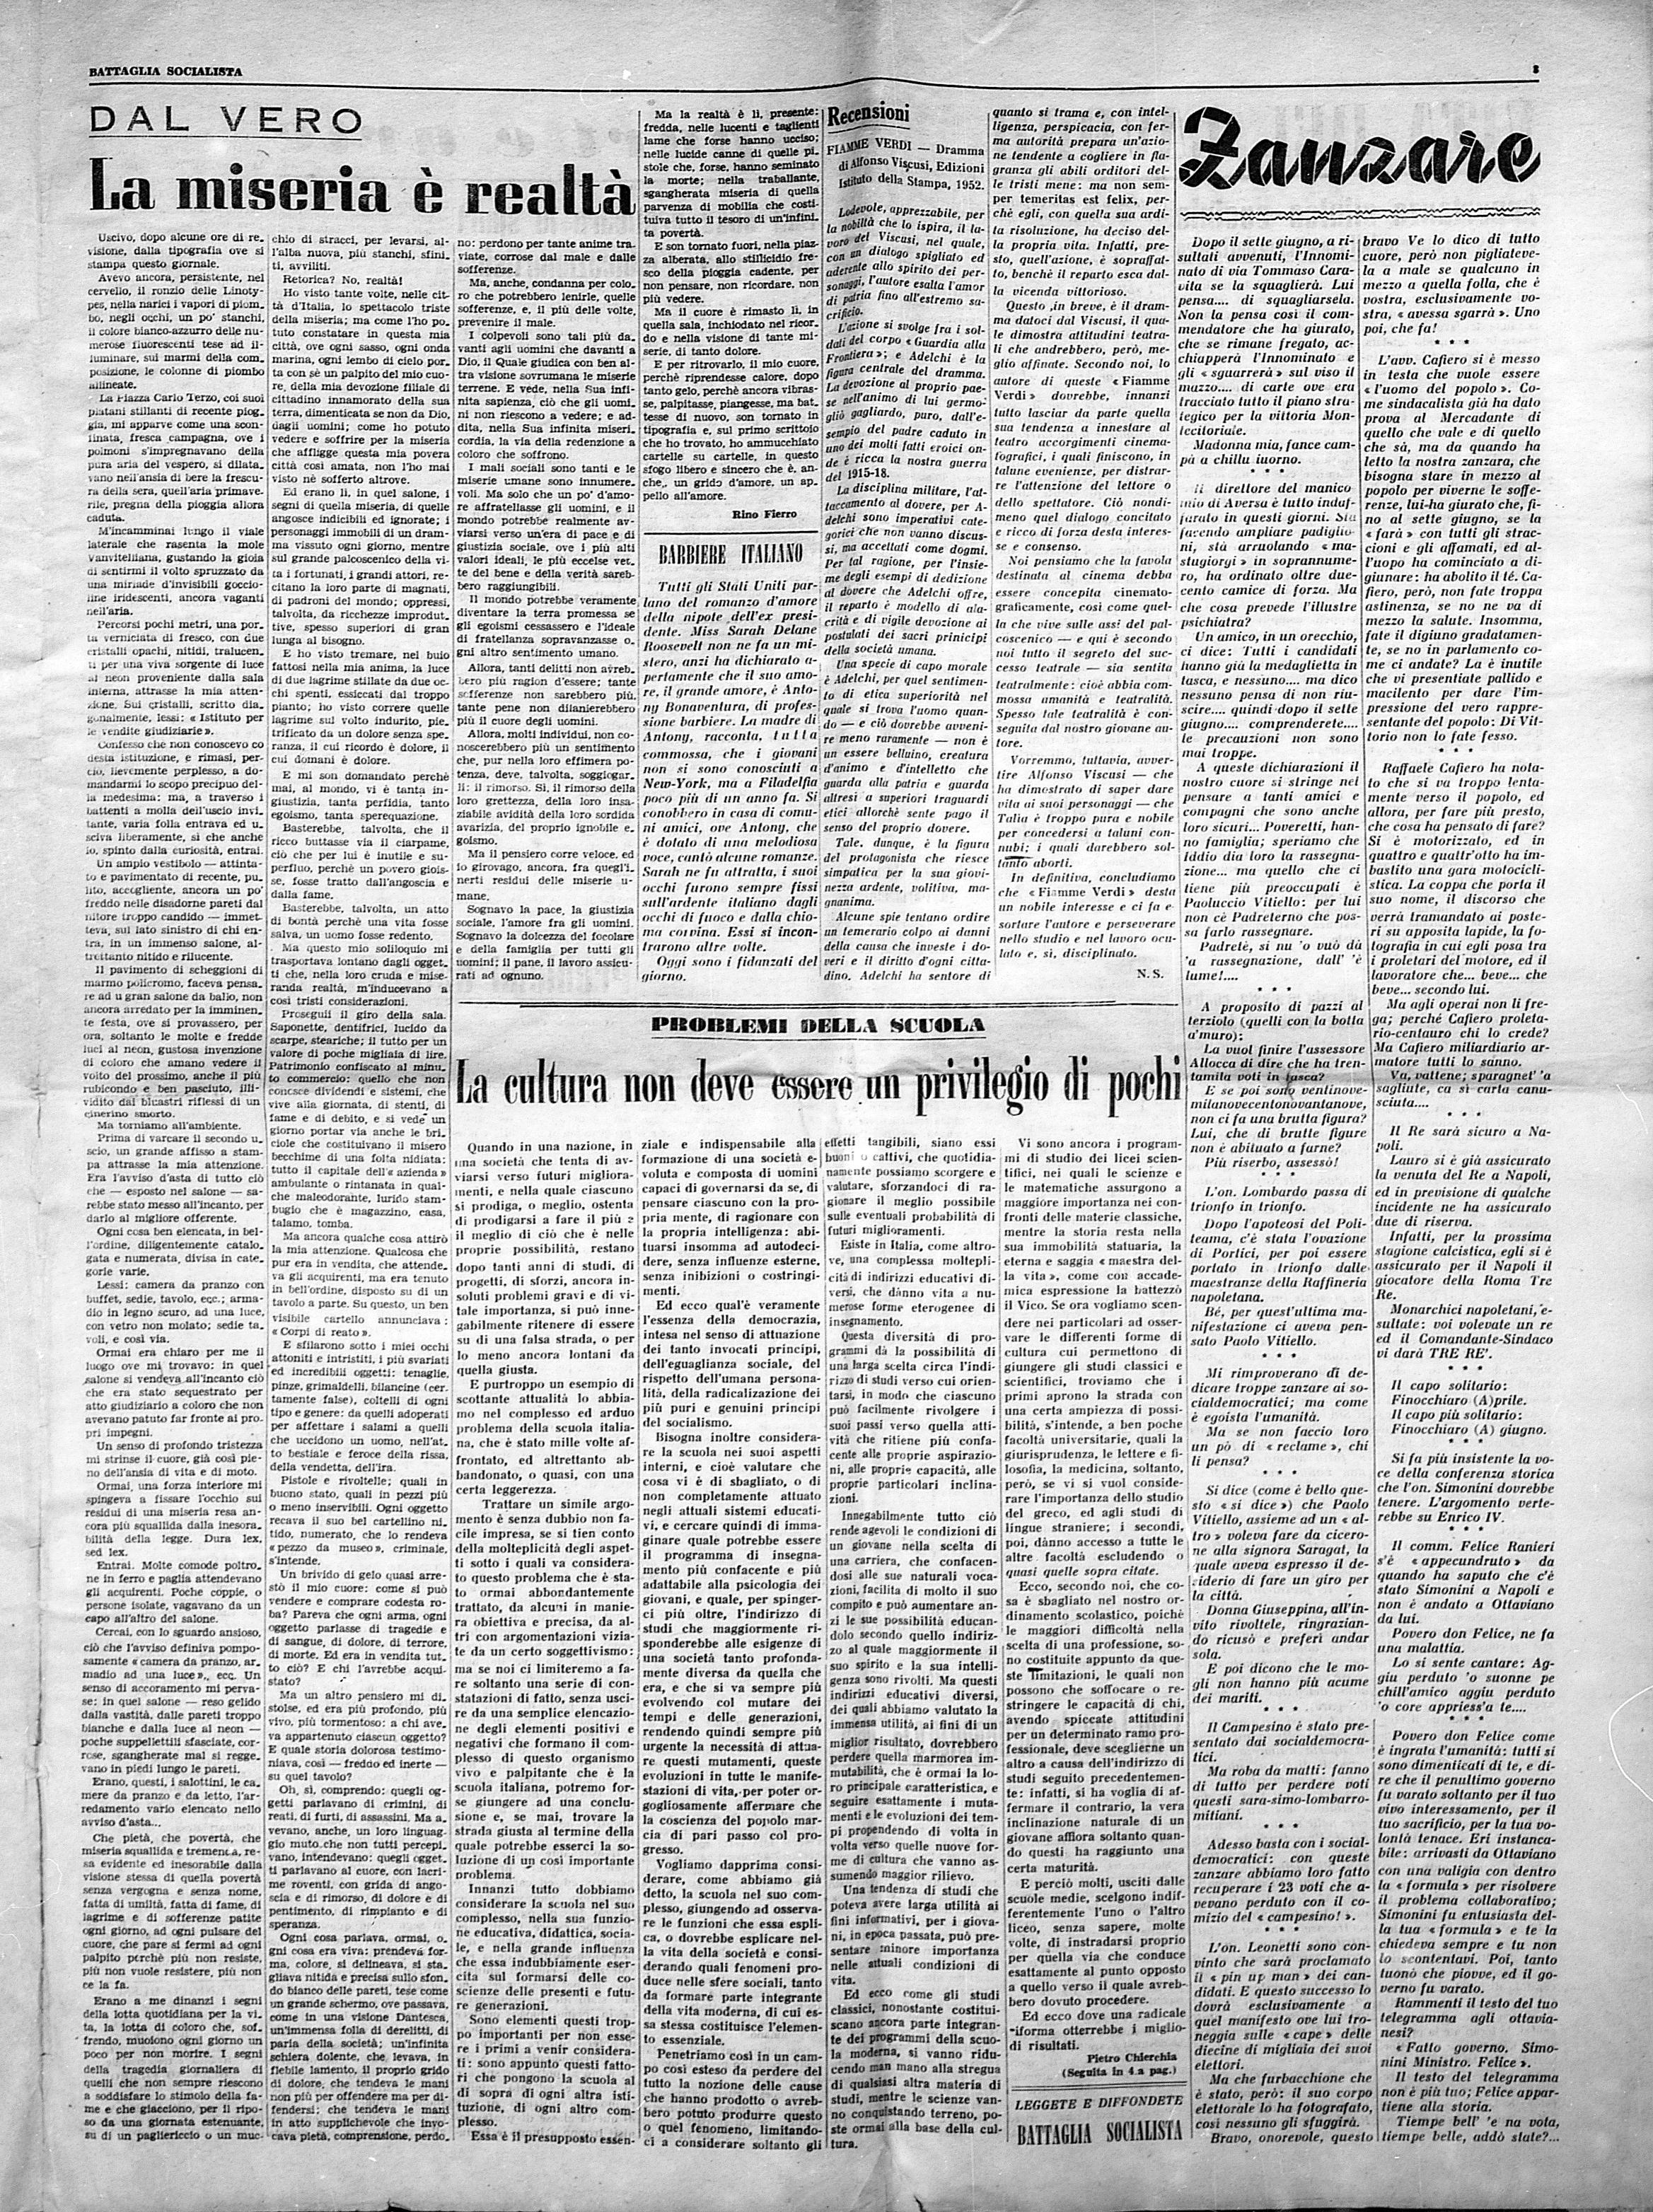 Battaglia Socialista n. 2 anno 1953 - pag. 3